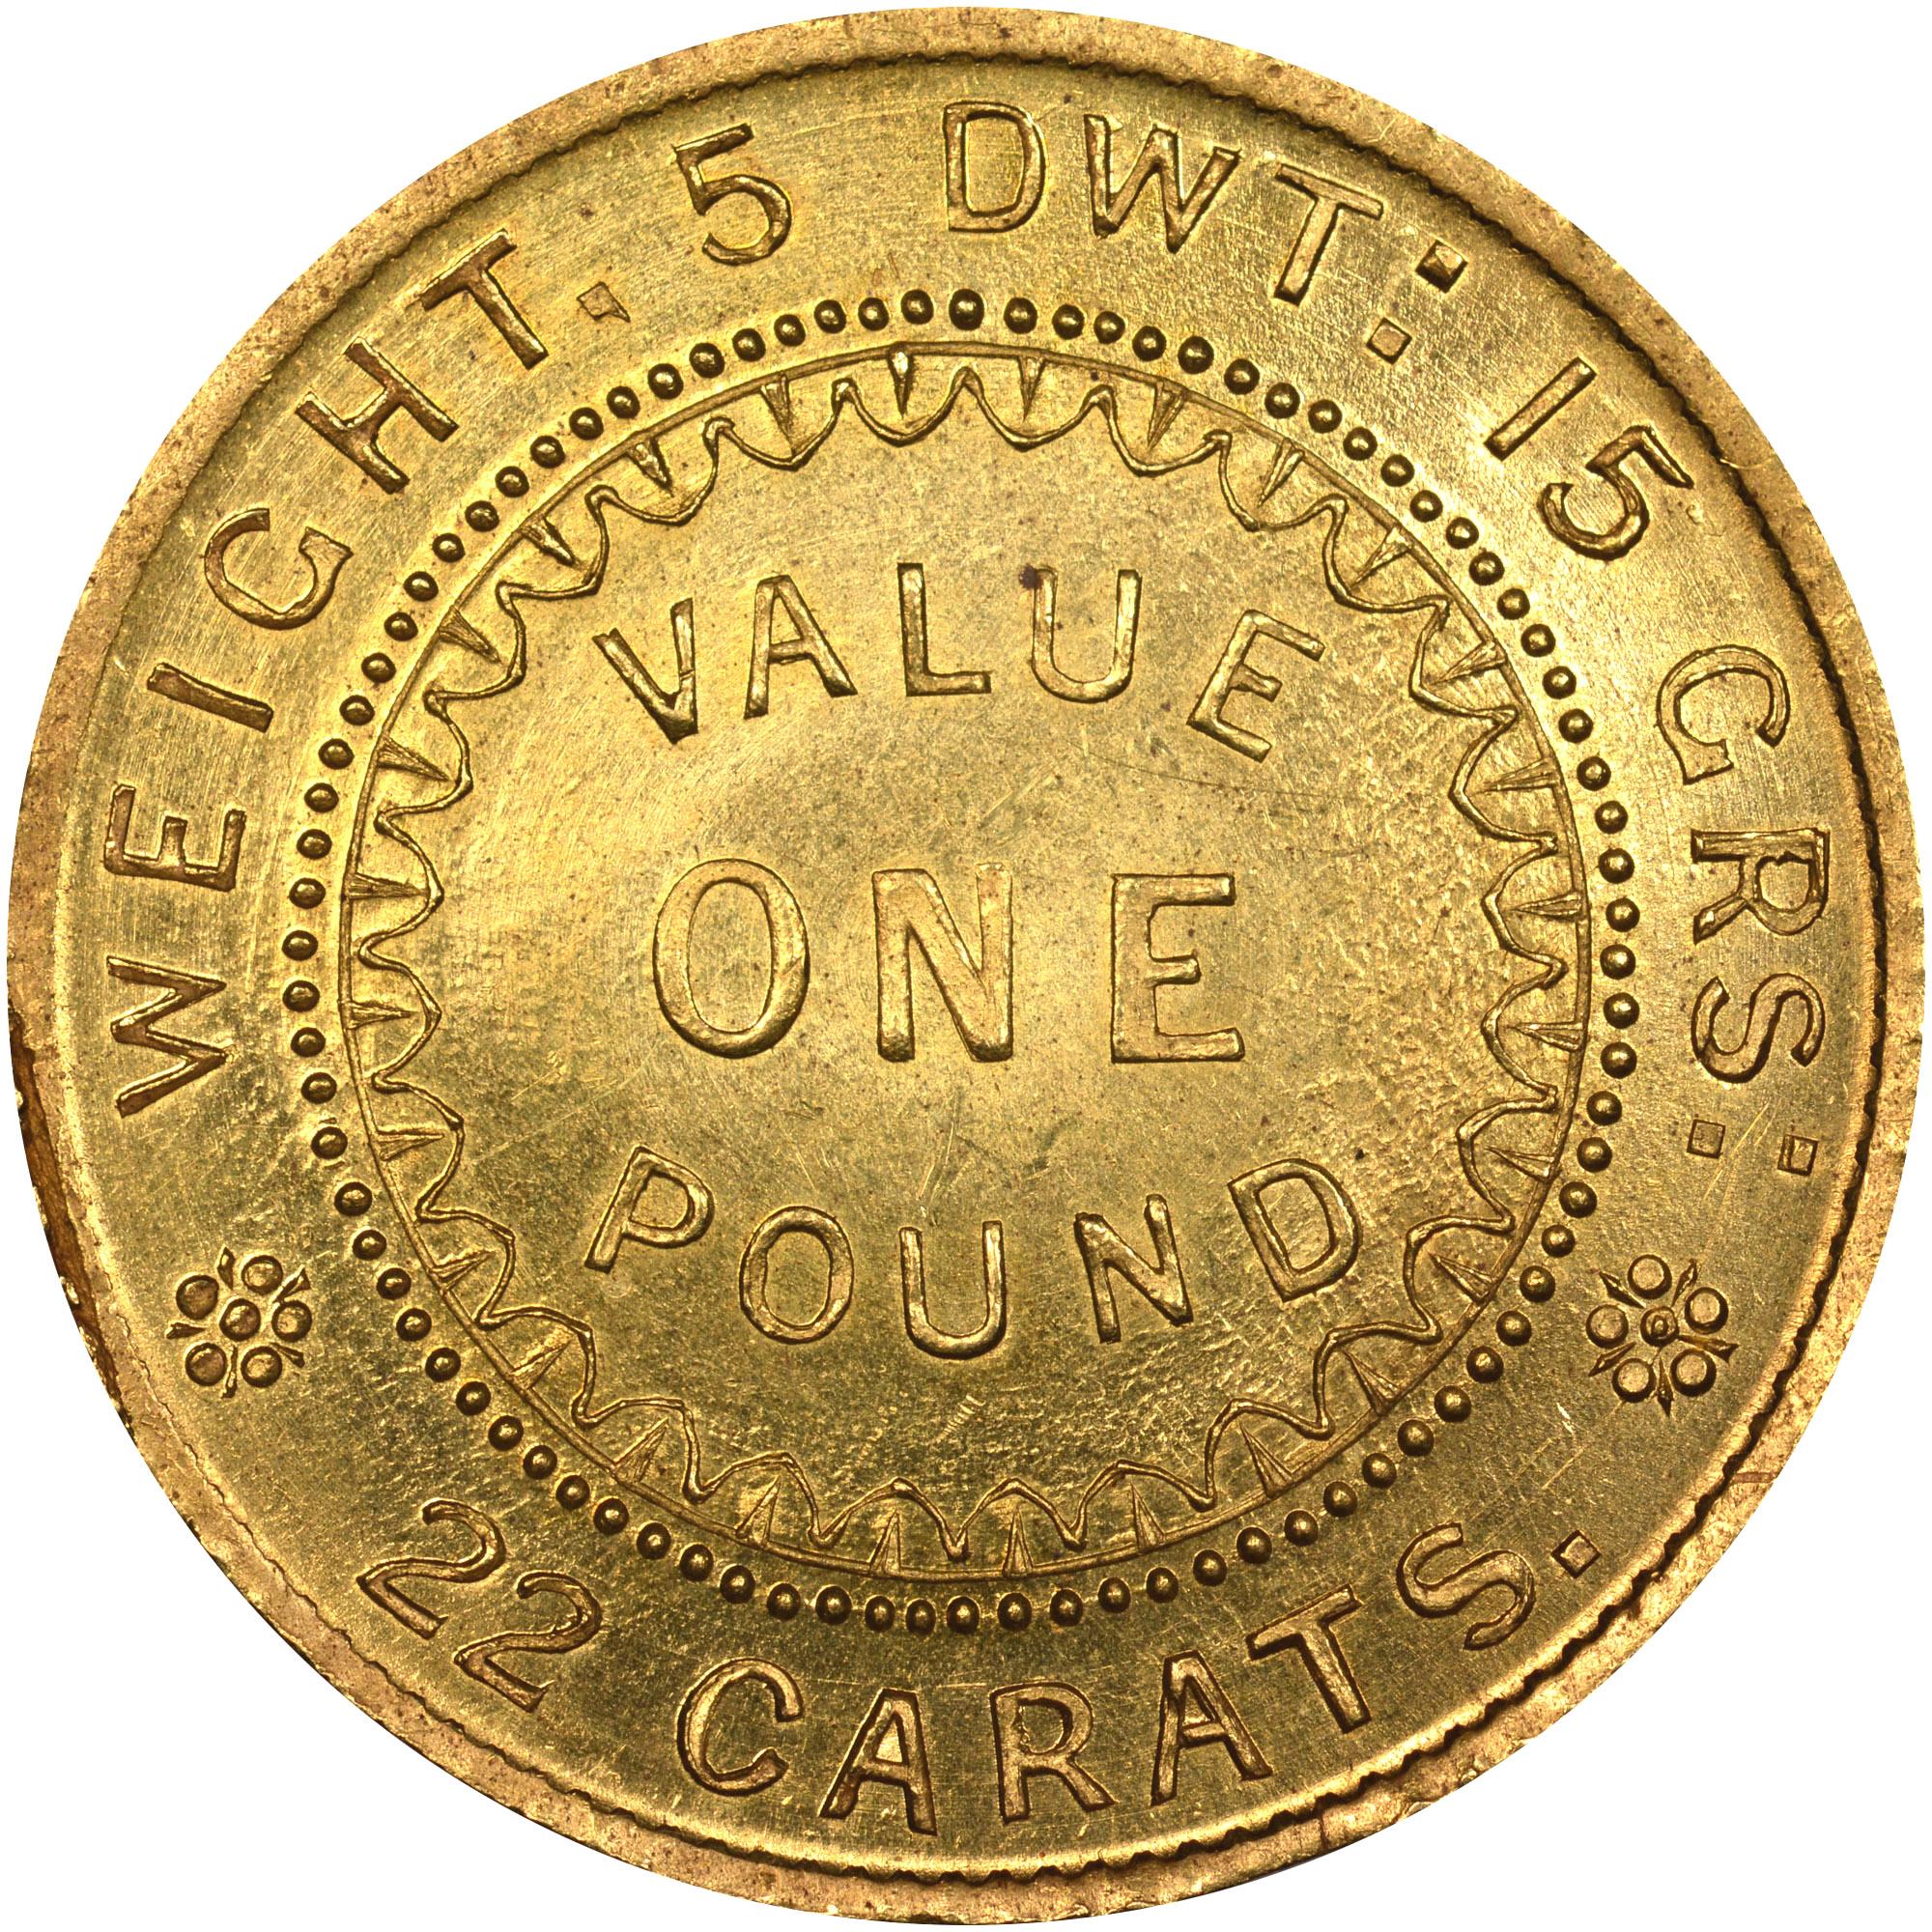 1852 Australia SOUTH AUSTRALIA Adelaide Pound reverse